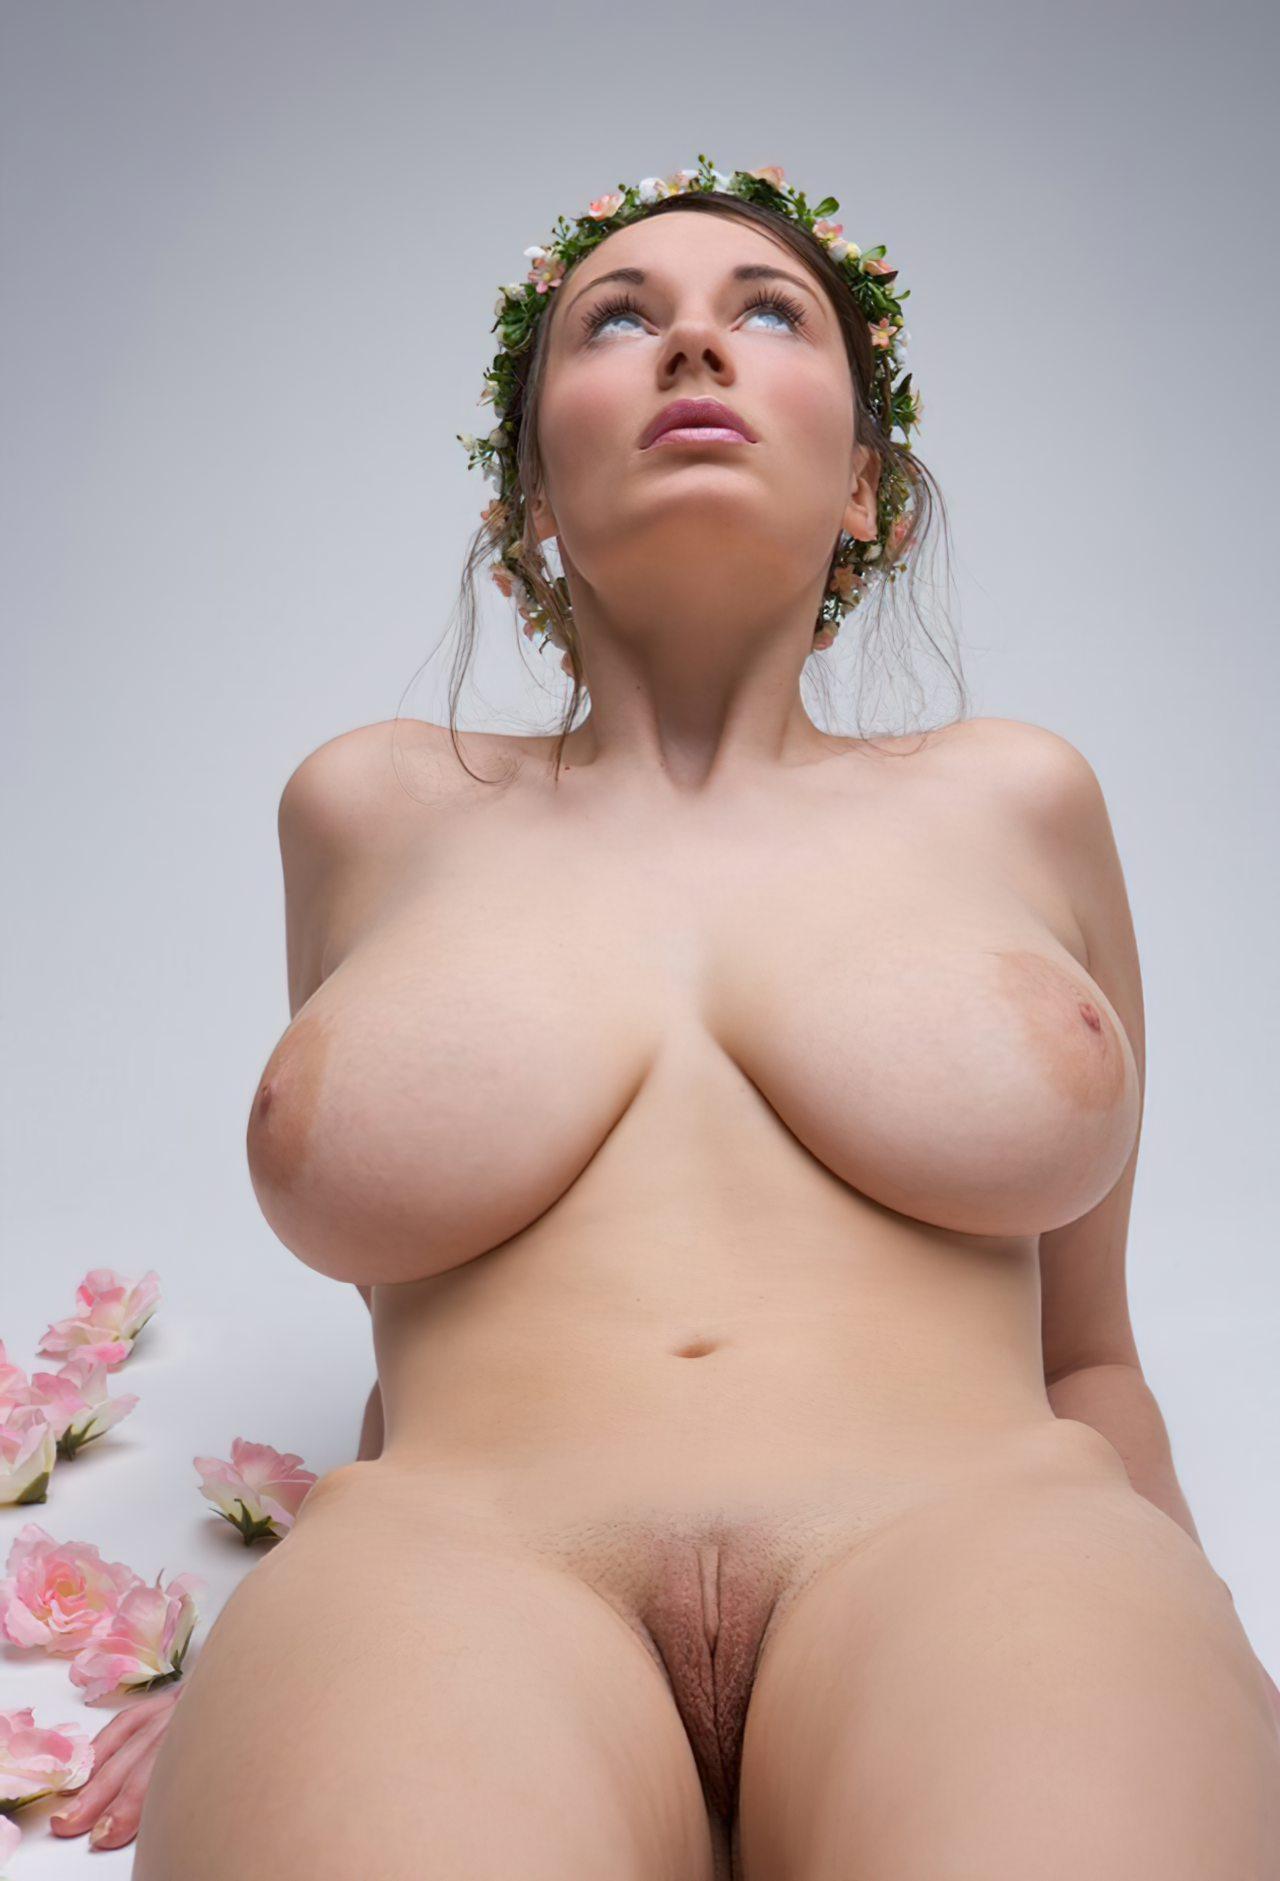 Keira Knightley y sus escenas de sexo frente al espejo